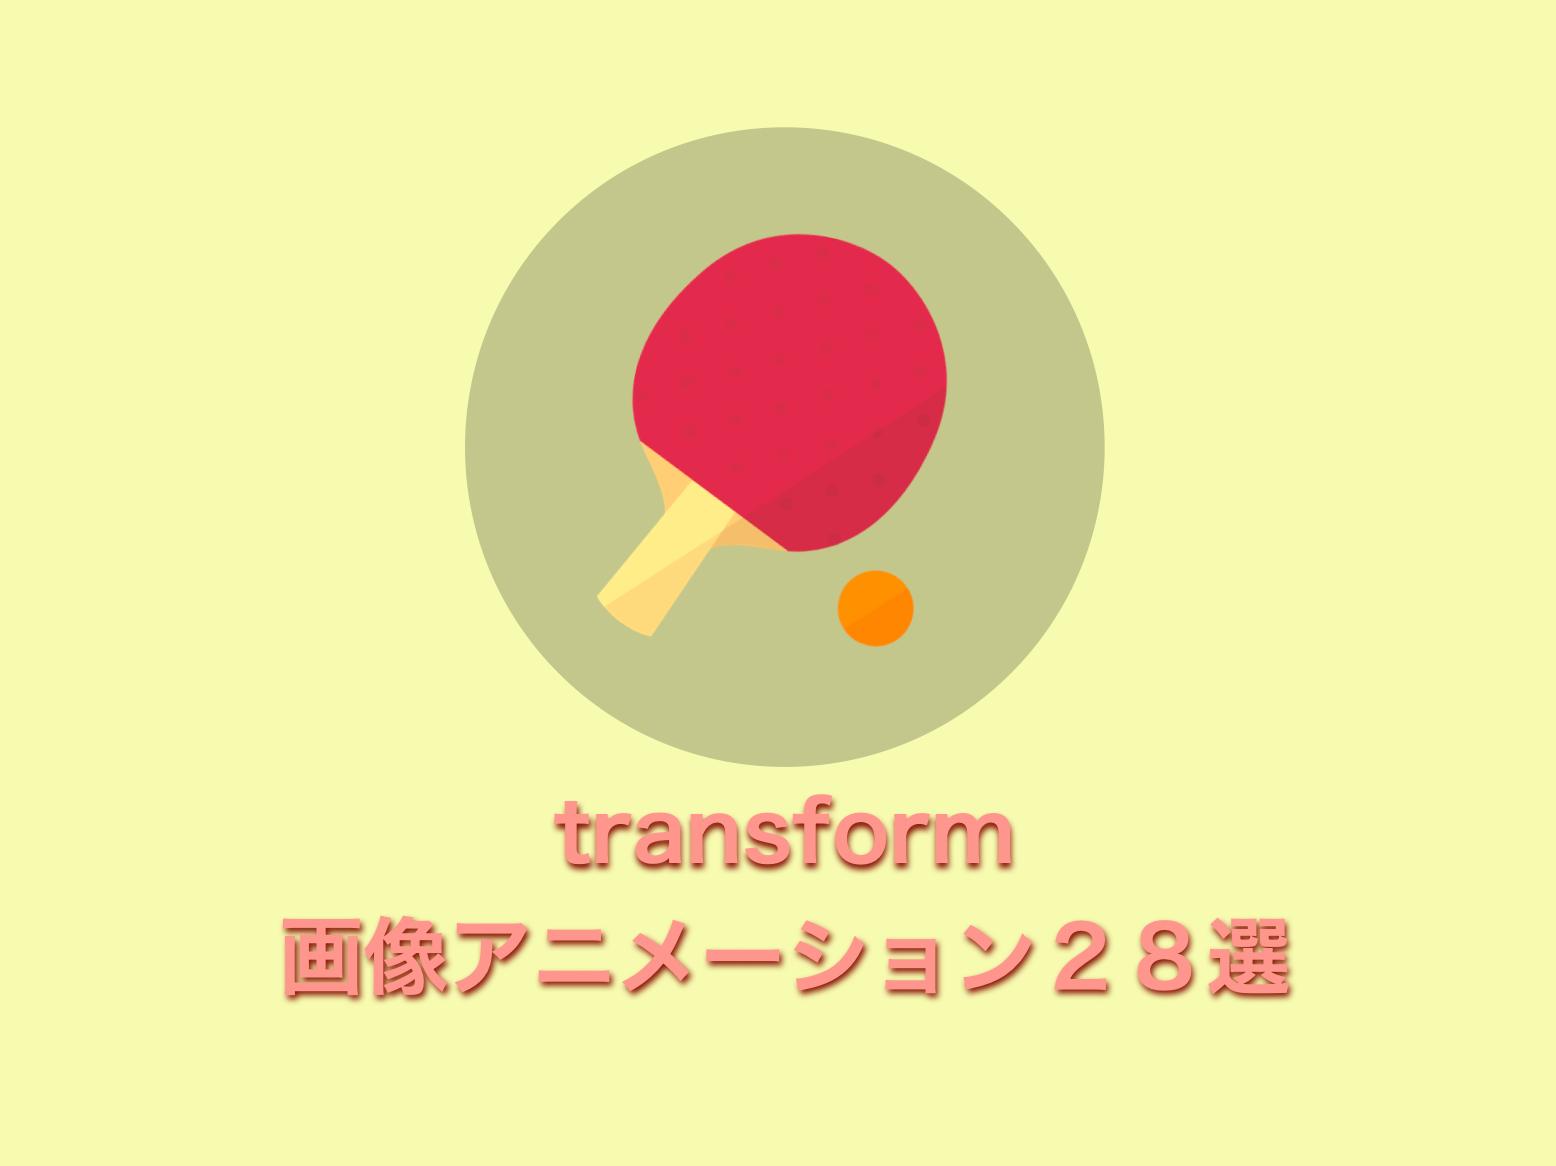 スクリーンショット 2020-08-02 22.15.41.png